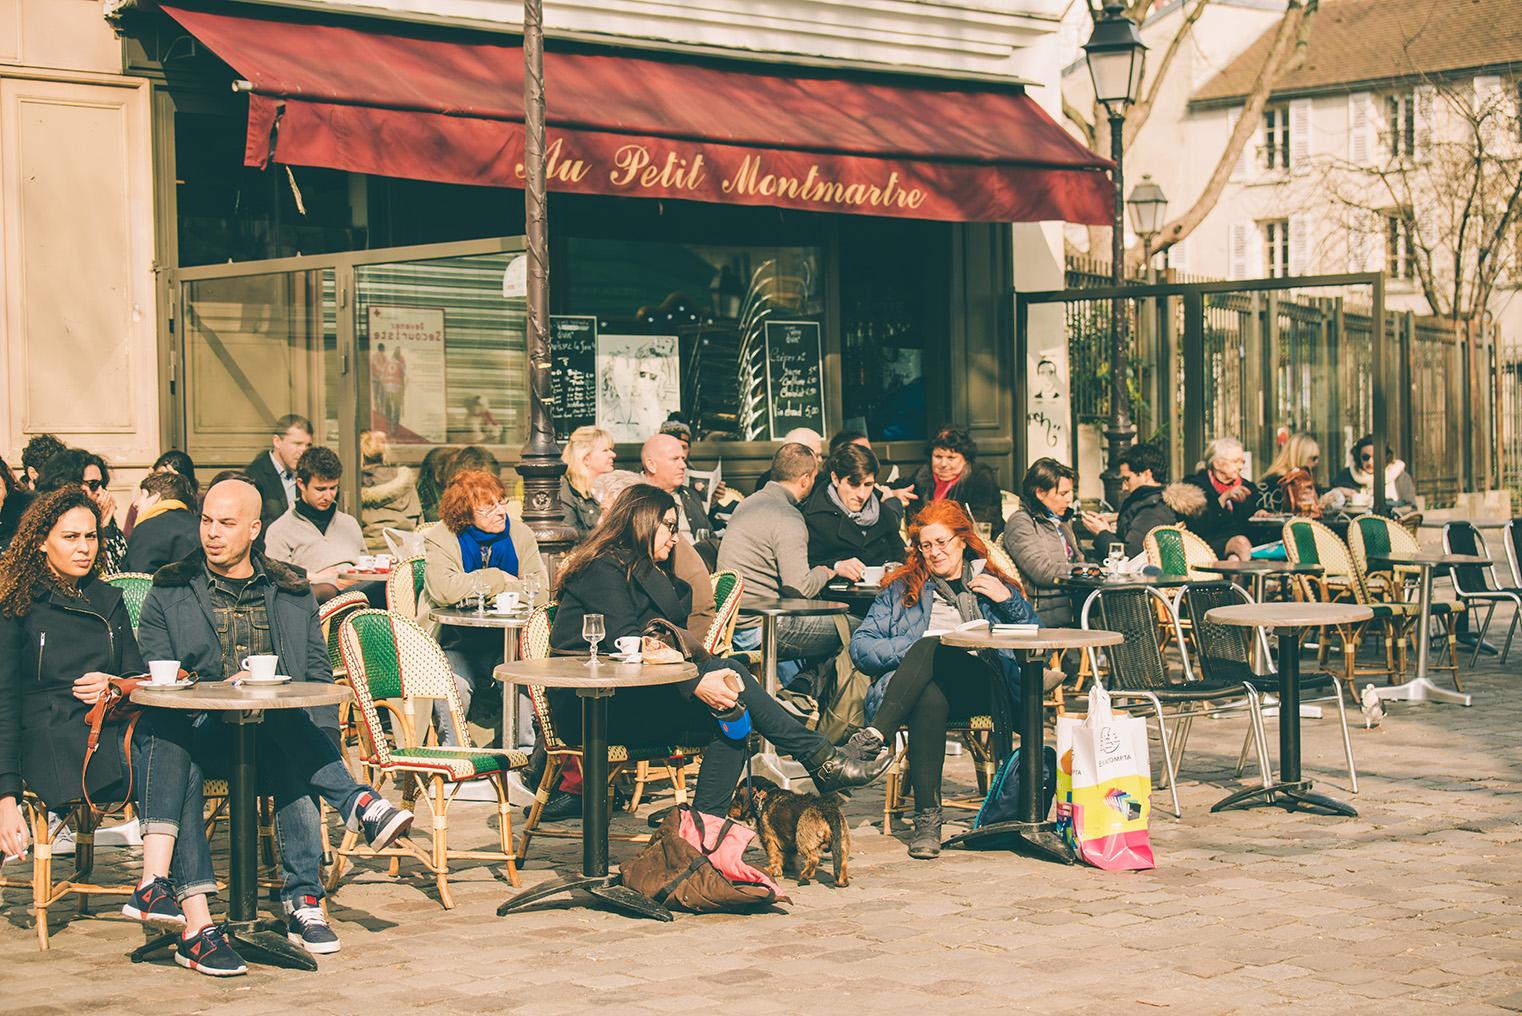 19.Wiosna w Paryzu na 30 urodziny